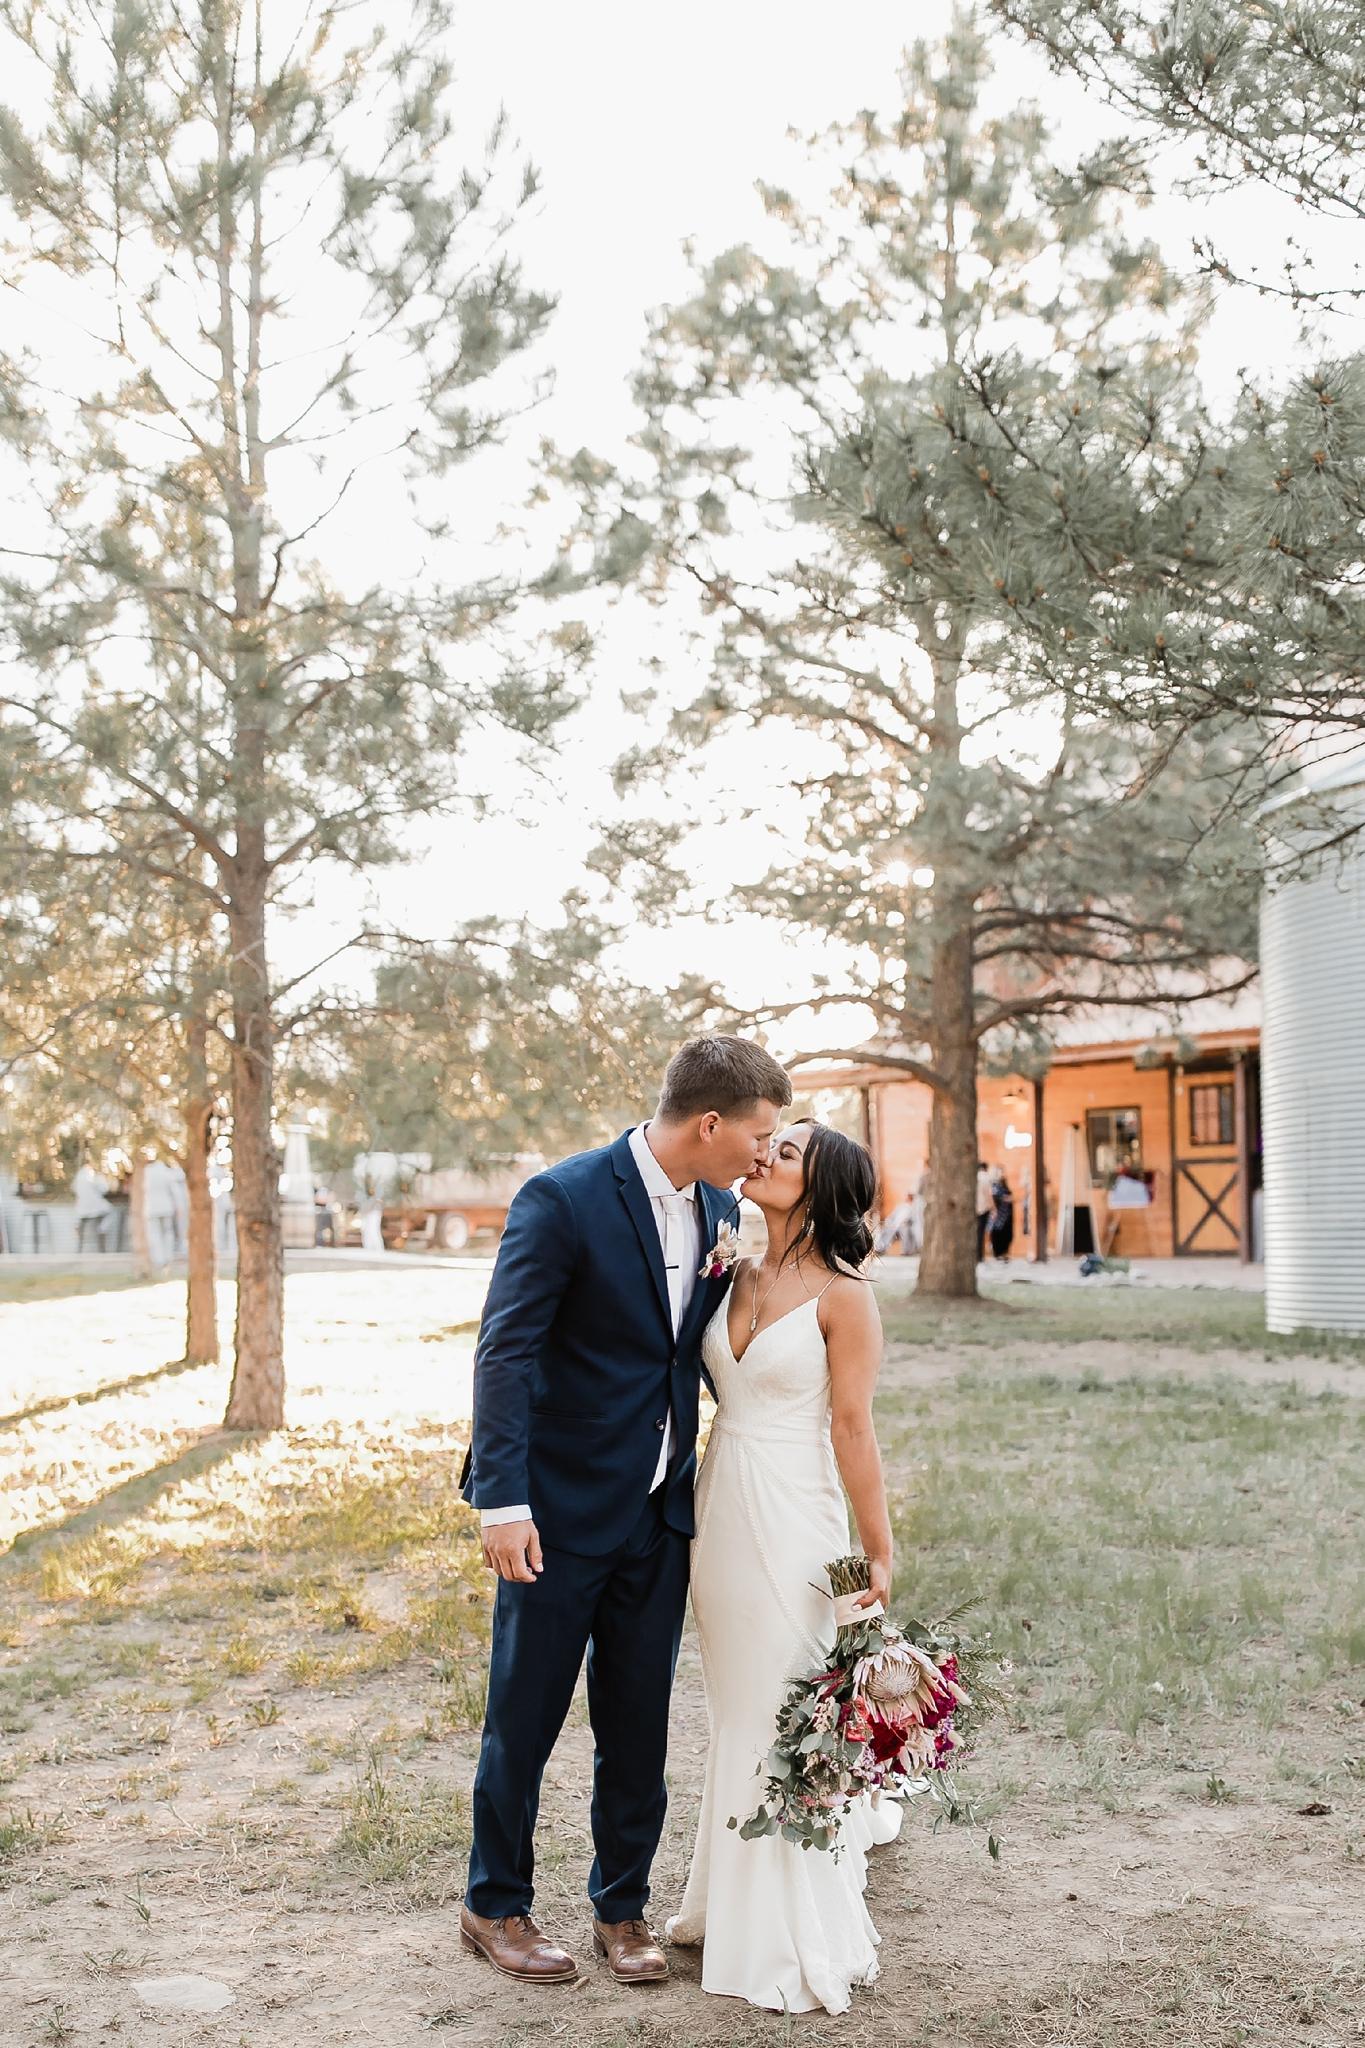 Alicia+lucia+photography+-+albuquerque+wedding+photographer+-+santa+fe+wedding+photography+-+new+mexico+wedding+photographer+-+new+mexico+wedding+-+new+mexico+wedding+-+barn+wedding+-+enchanted+vine+barn+wedding+-+ruidoso+wedding_0129.jpg